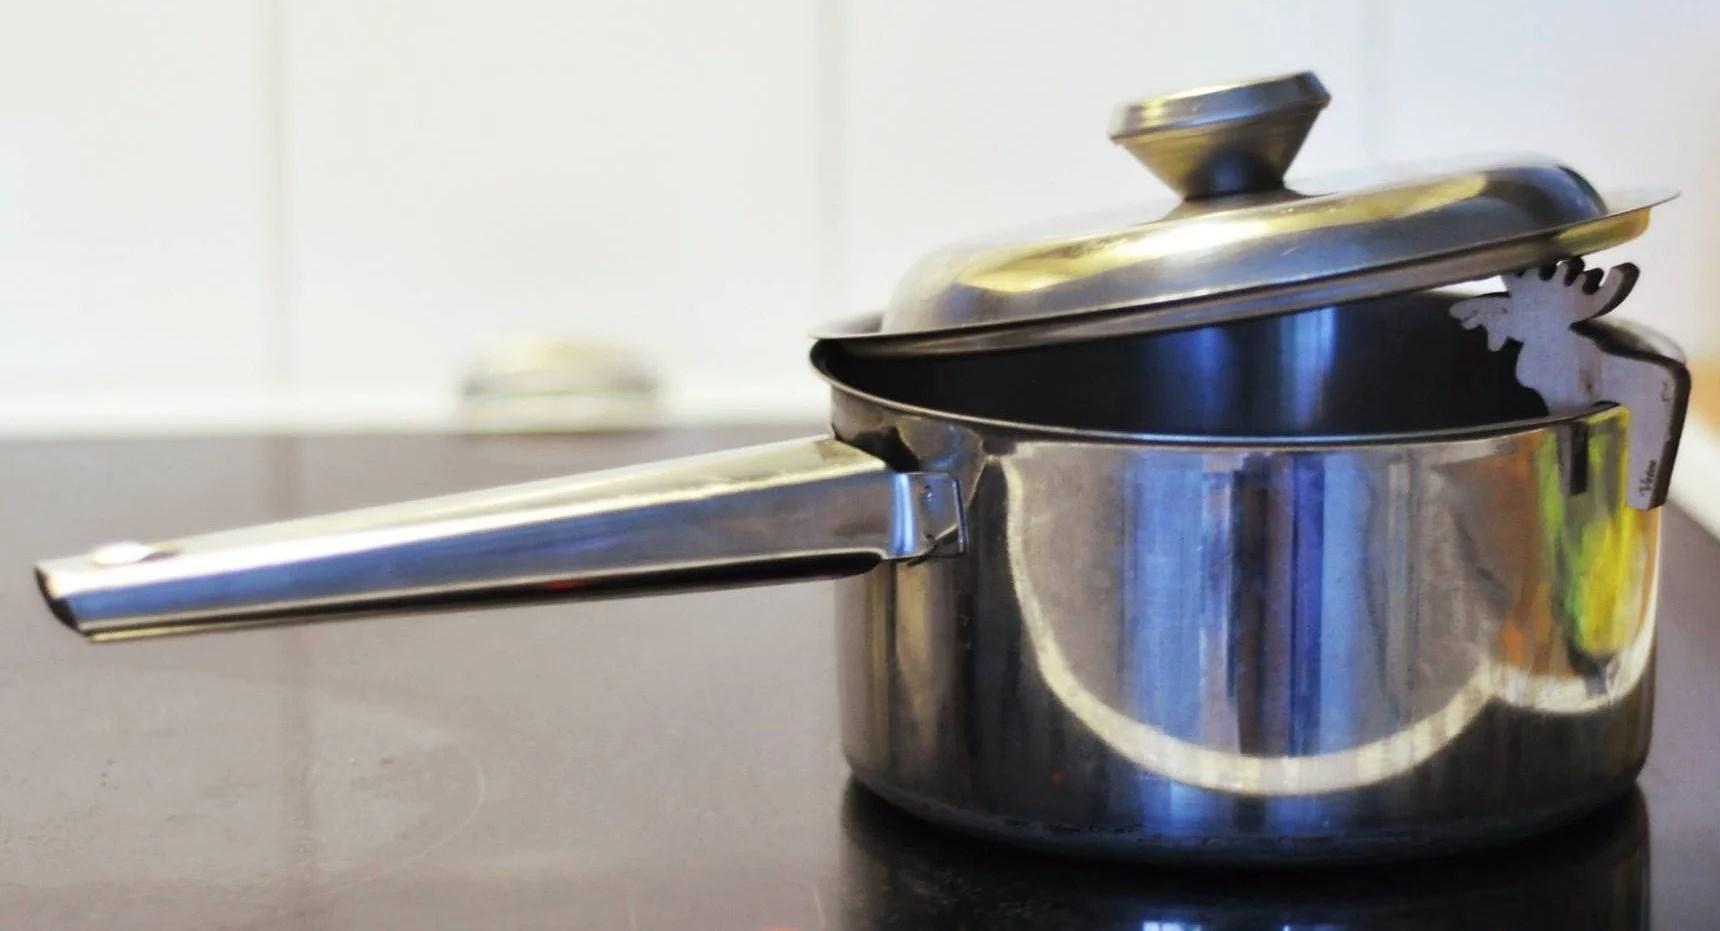 Supersmart detalj: Det kommer aldrig mer koka över!